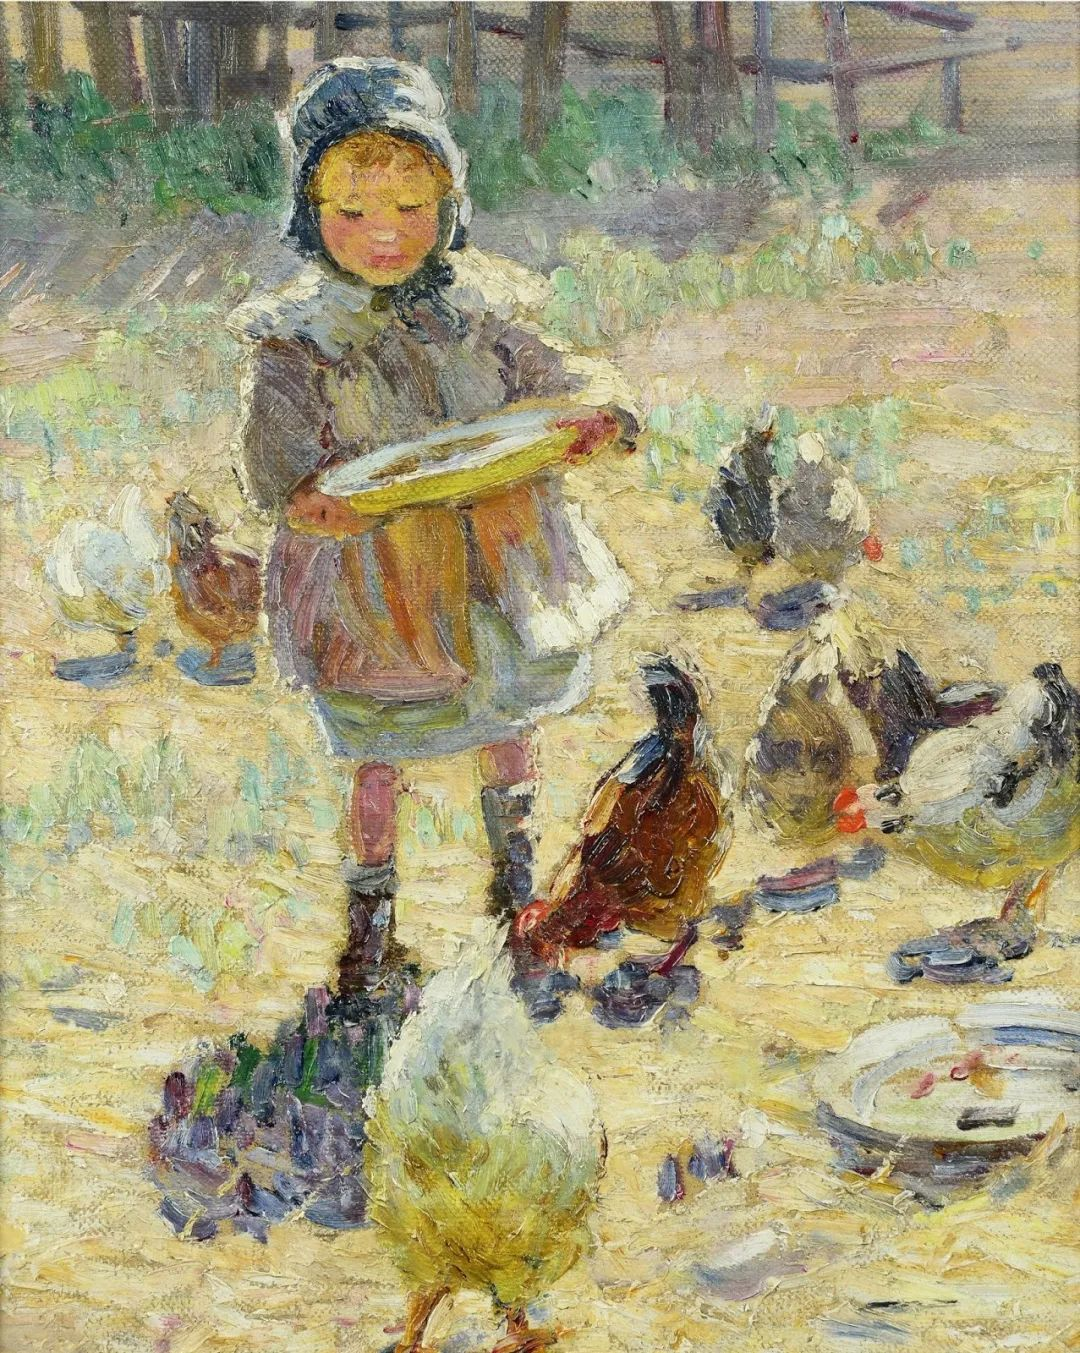 充满着写意风格的绘画,20世纪英国最伟大的女画家之一夏普插图41